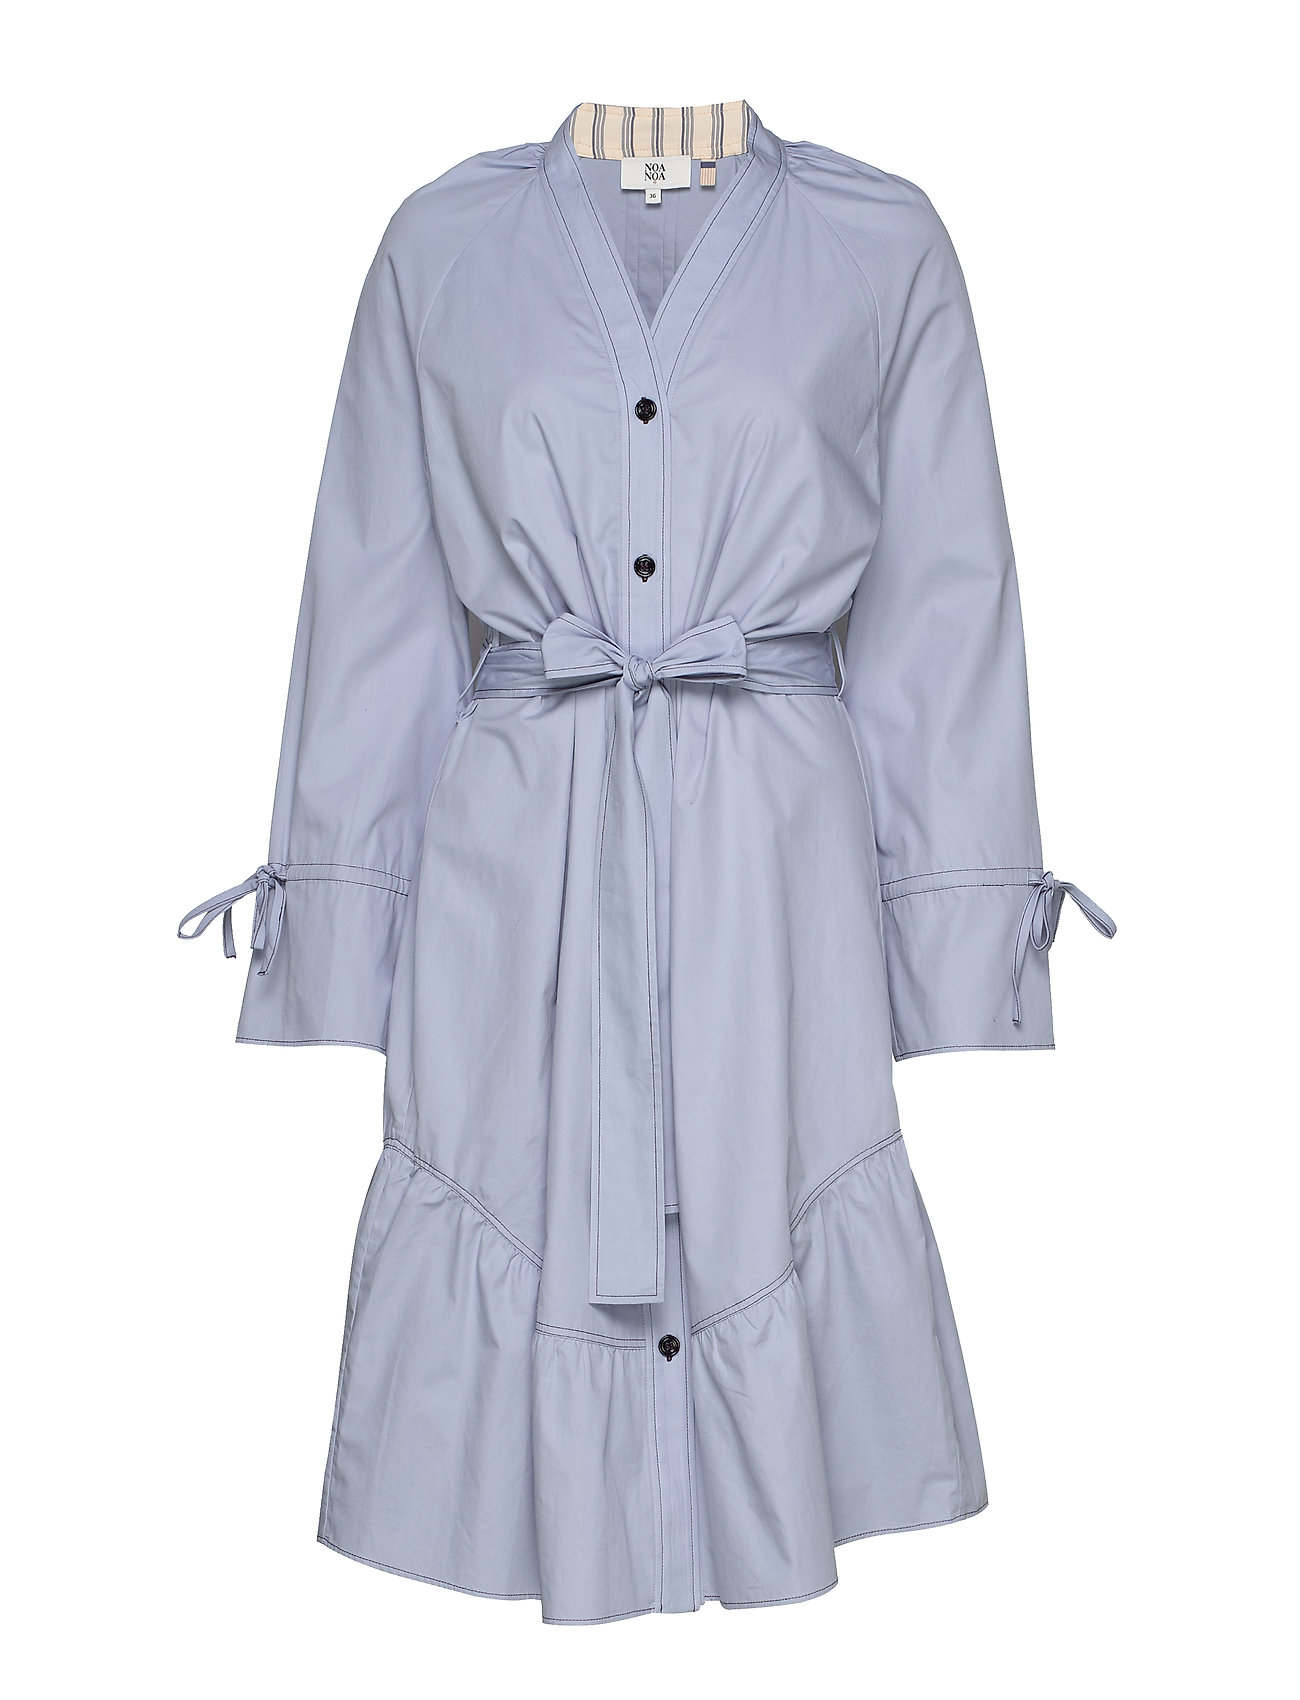 Noa Noa Dress long sleeve - ZEN BLUE